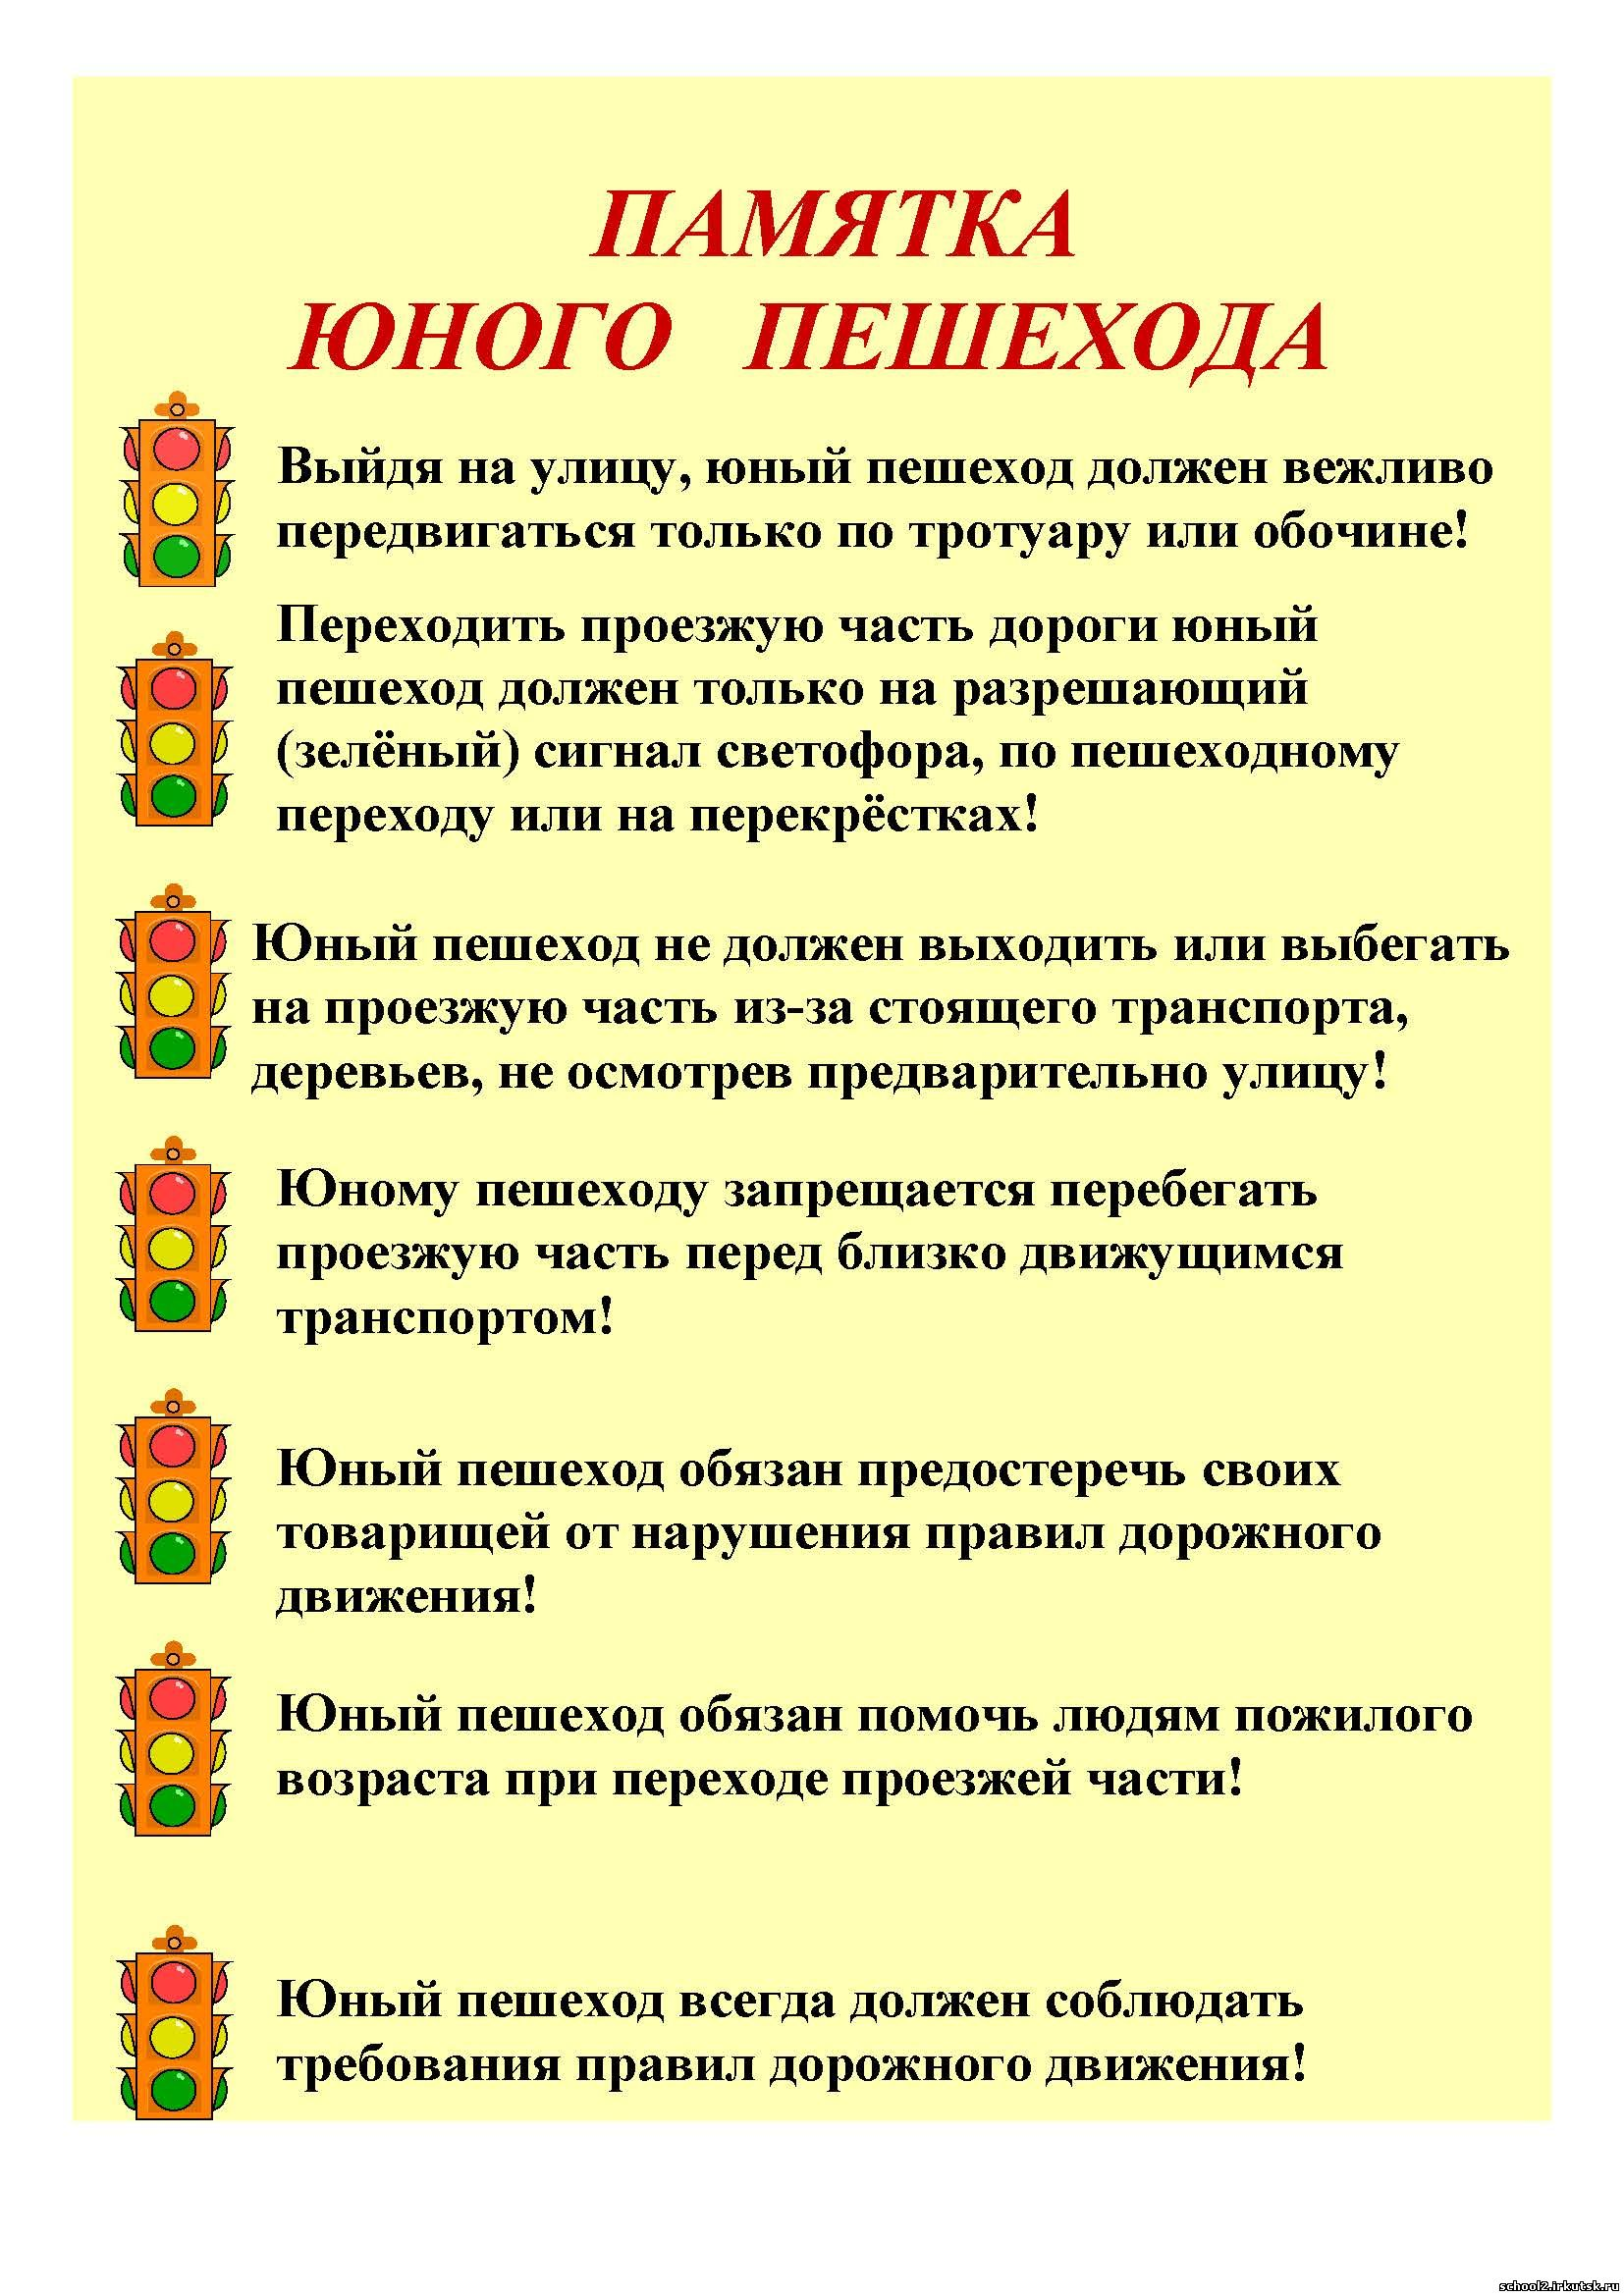 pamjatka_junogo_pesheda